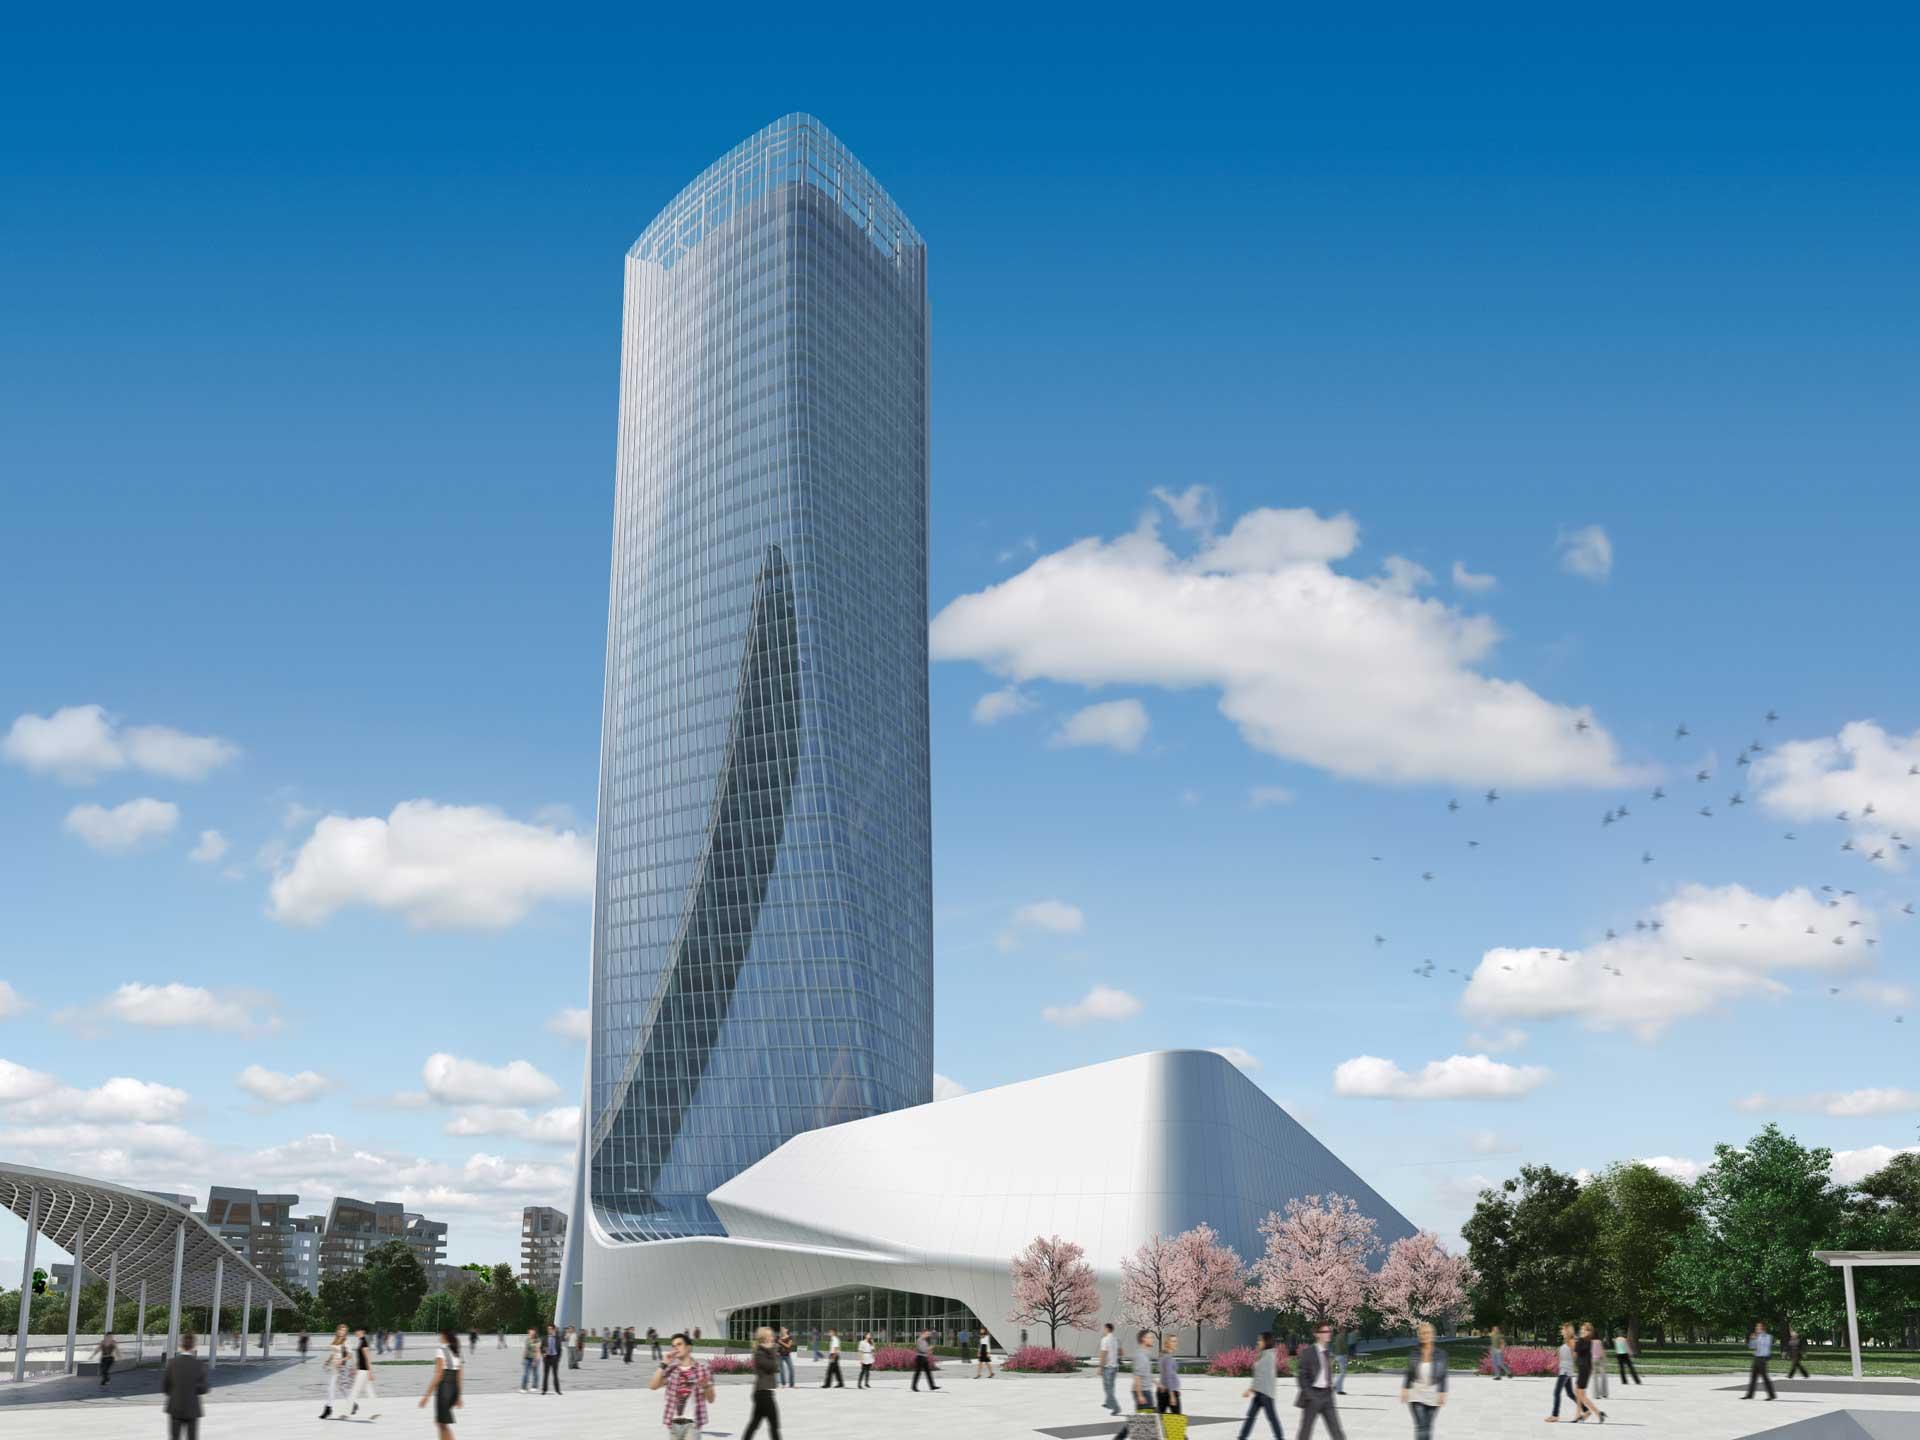 City Life Milano / Un Complejo Residencial de Zaha Hadid 7